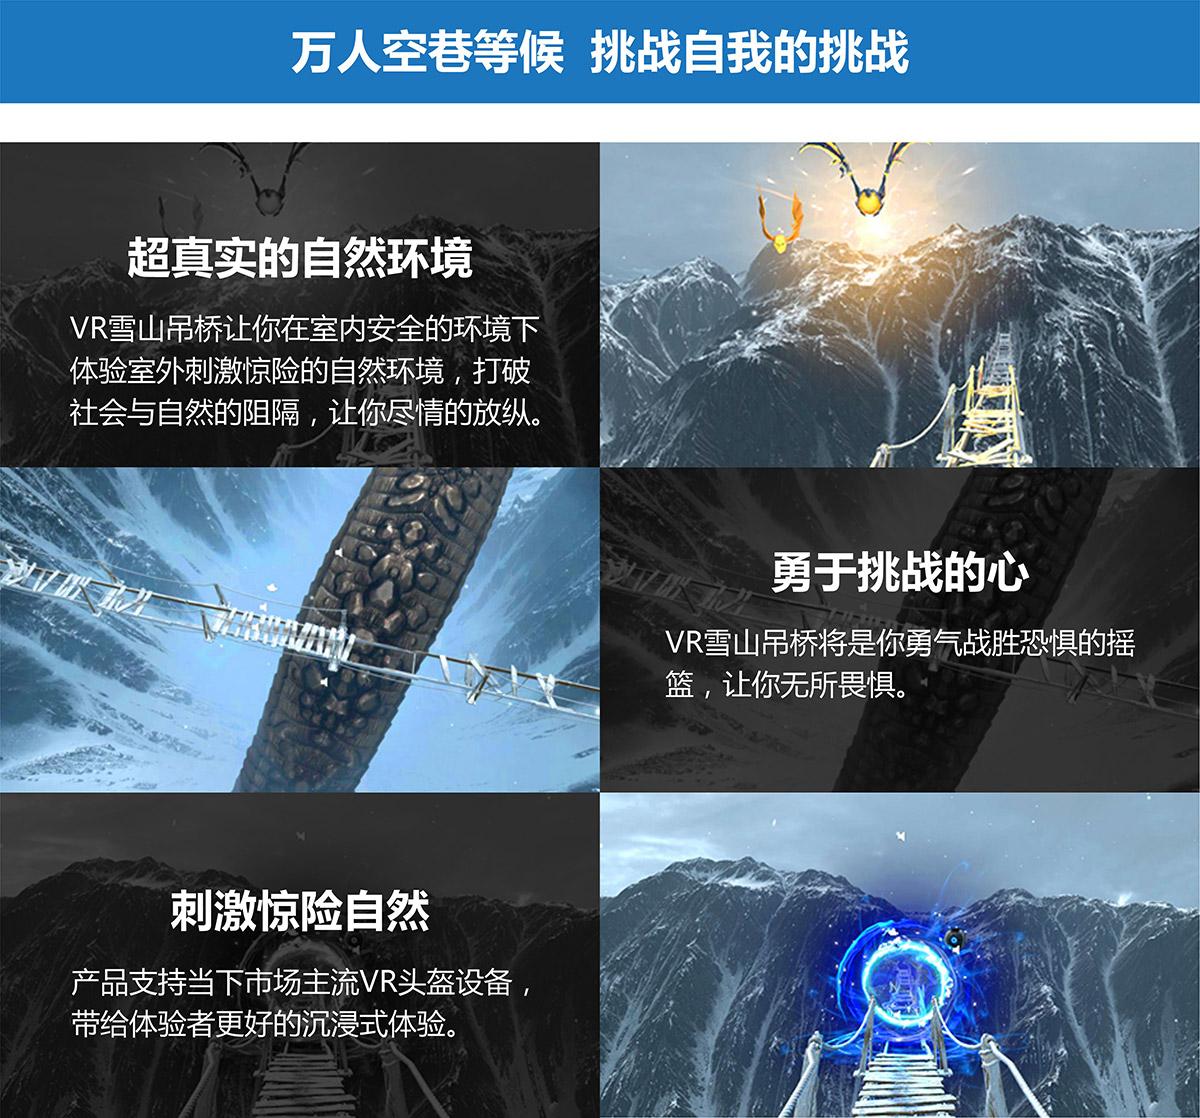 安全体验VR雪山吊桥万人空巷等候挑战自我的挑战.jpg